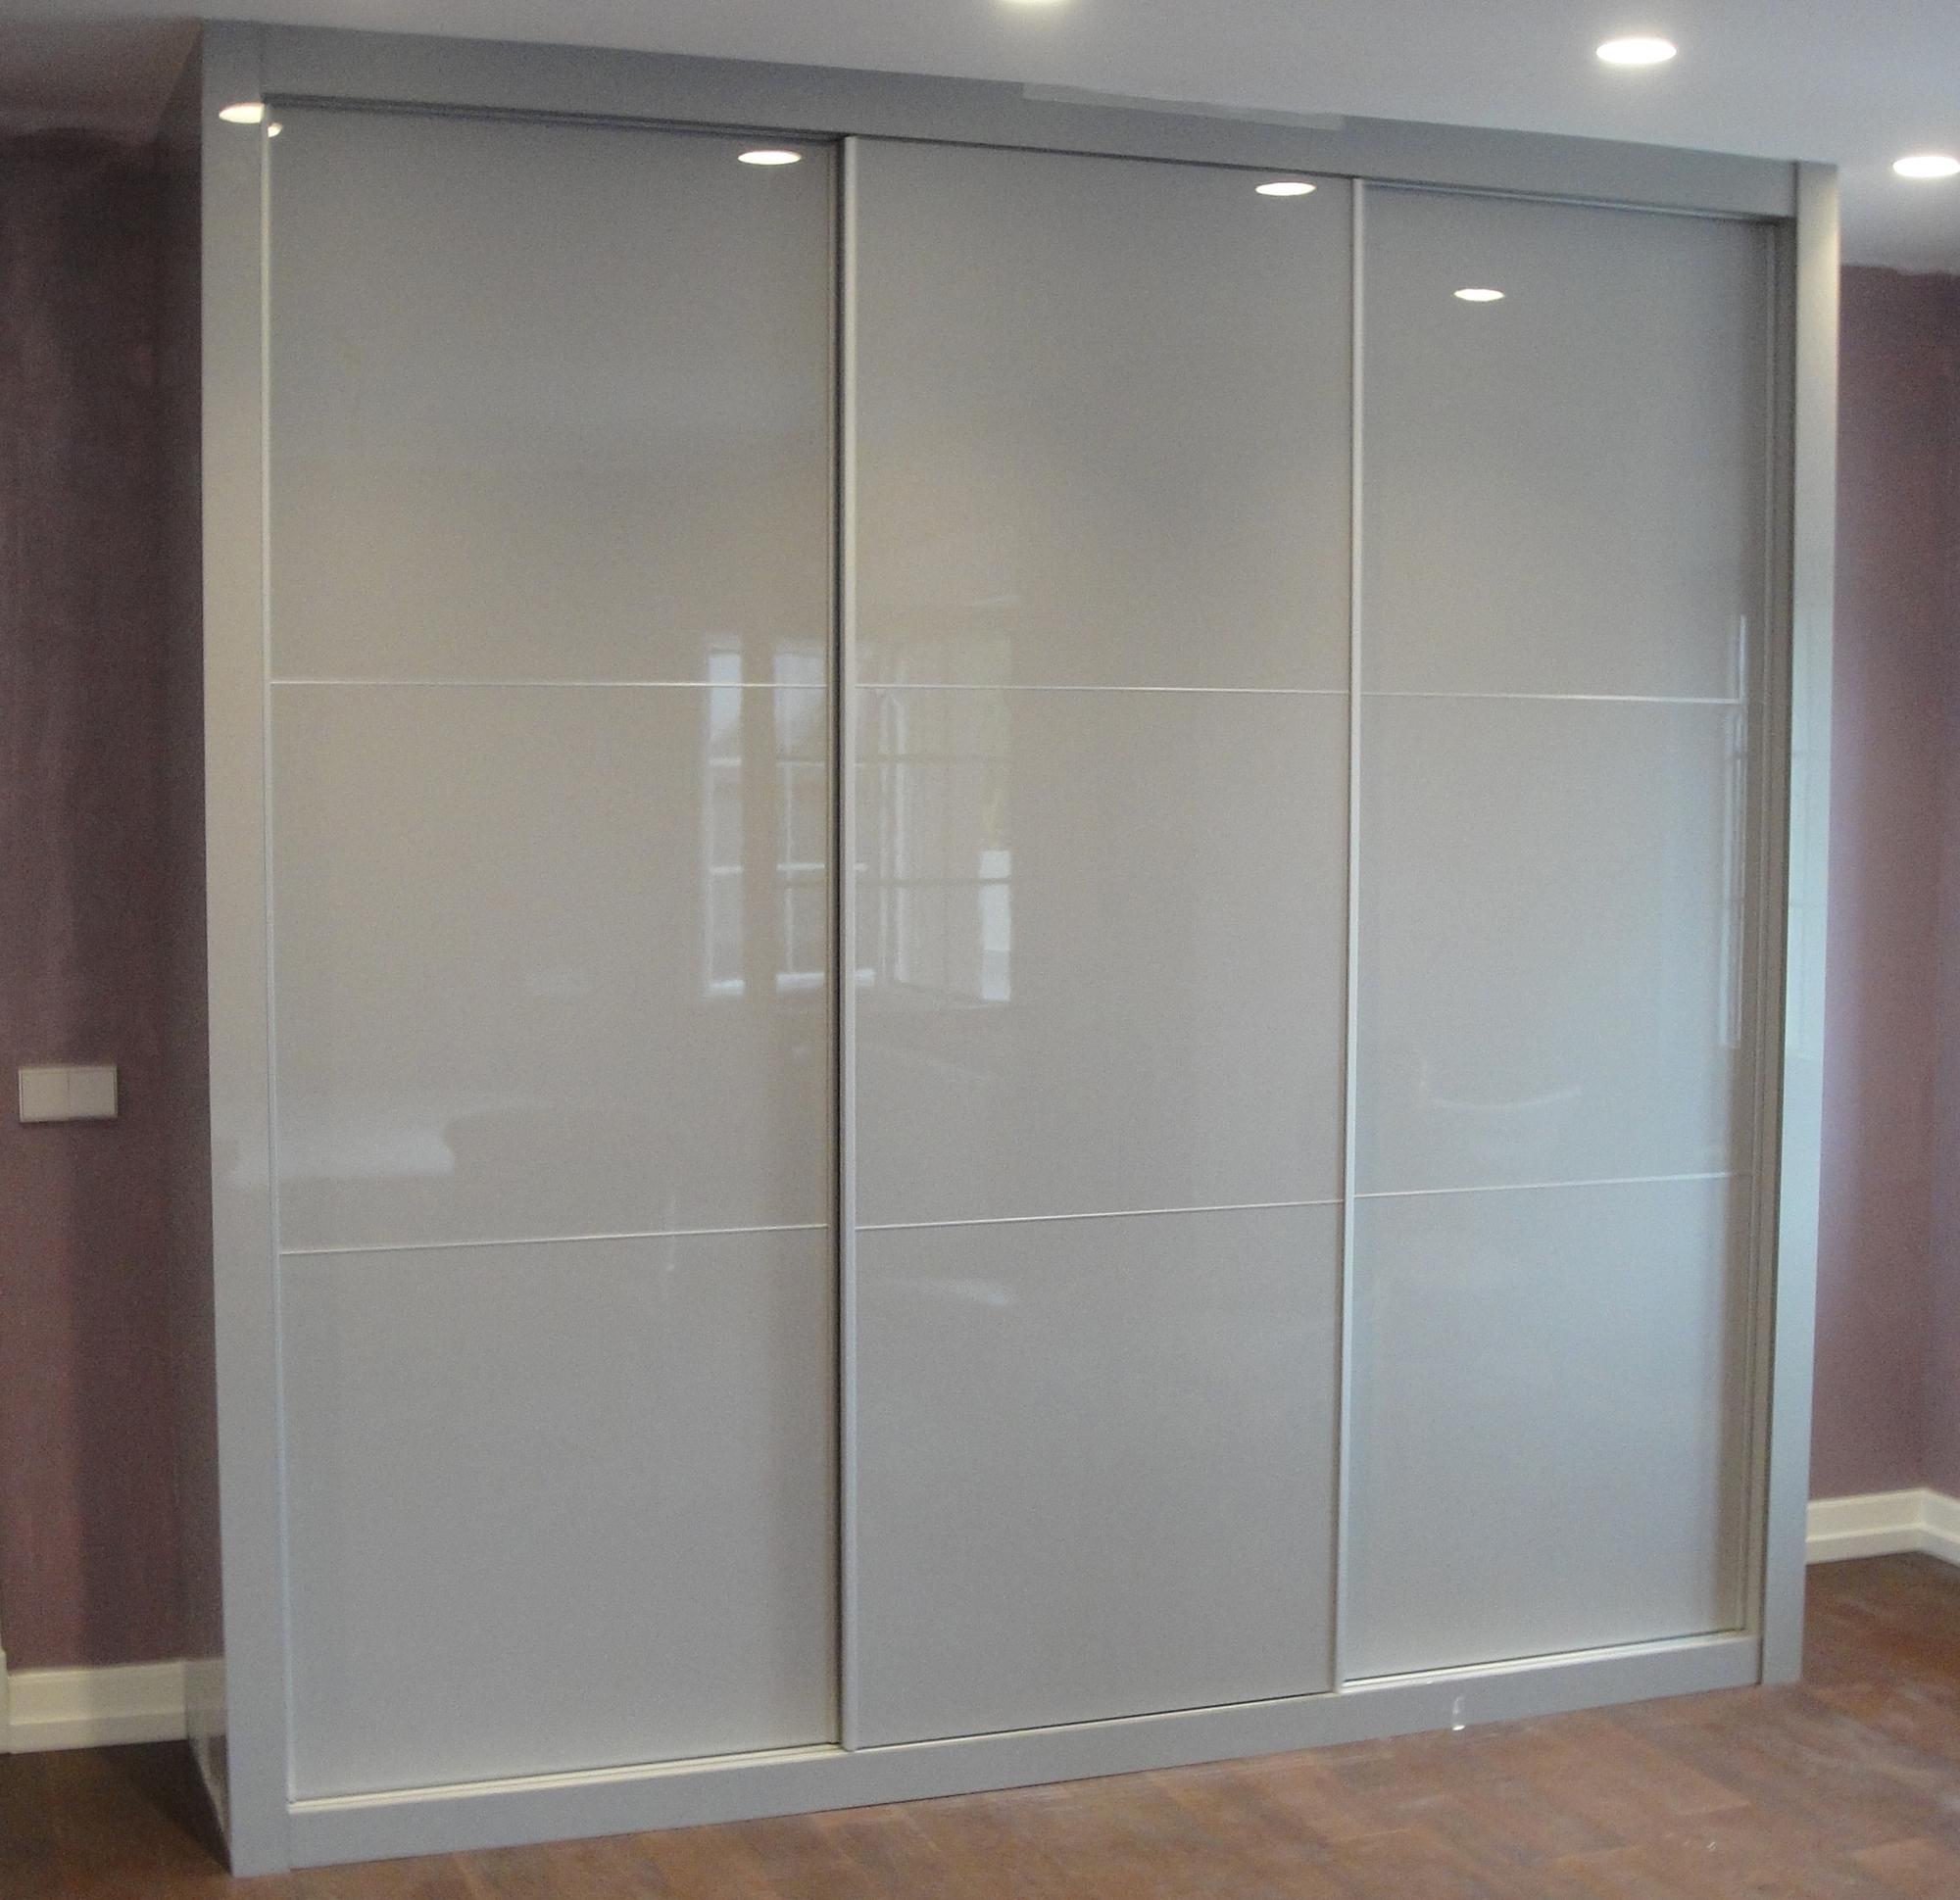 Puertas a medida madrid top serie puertas lacadas puertas - Puertas correderas o abatibles ...